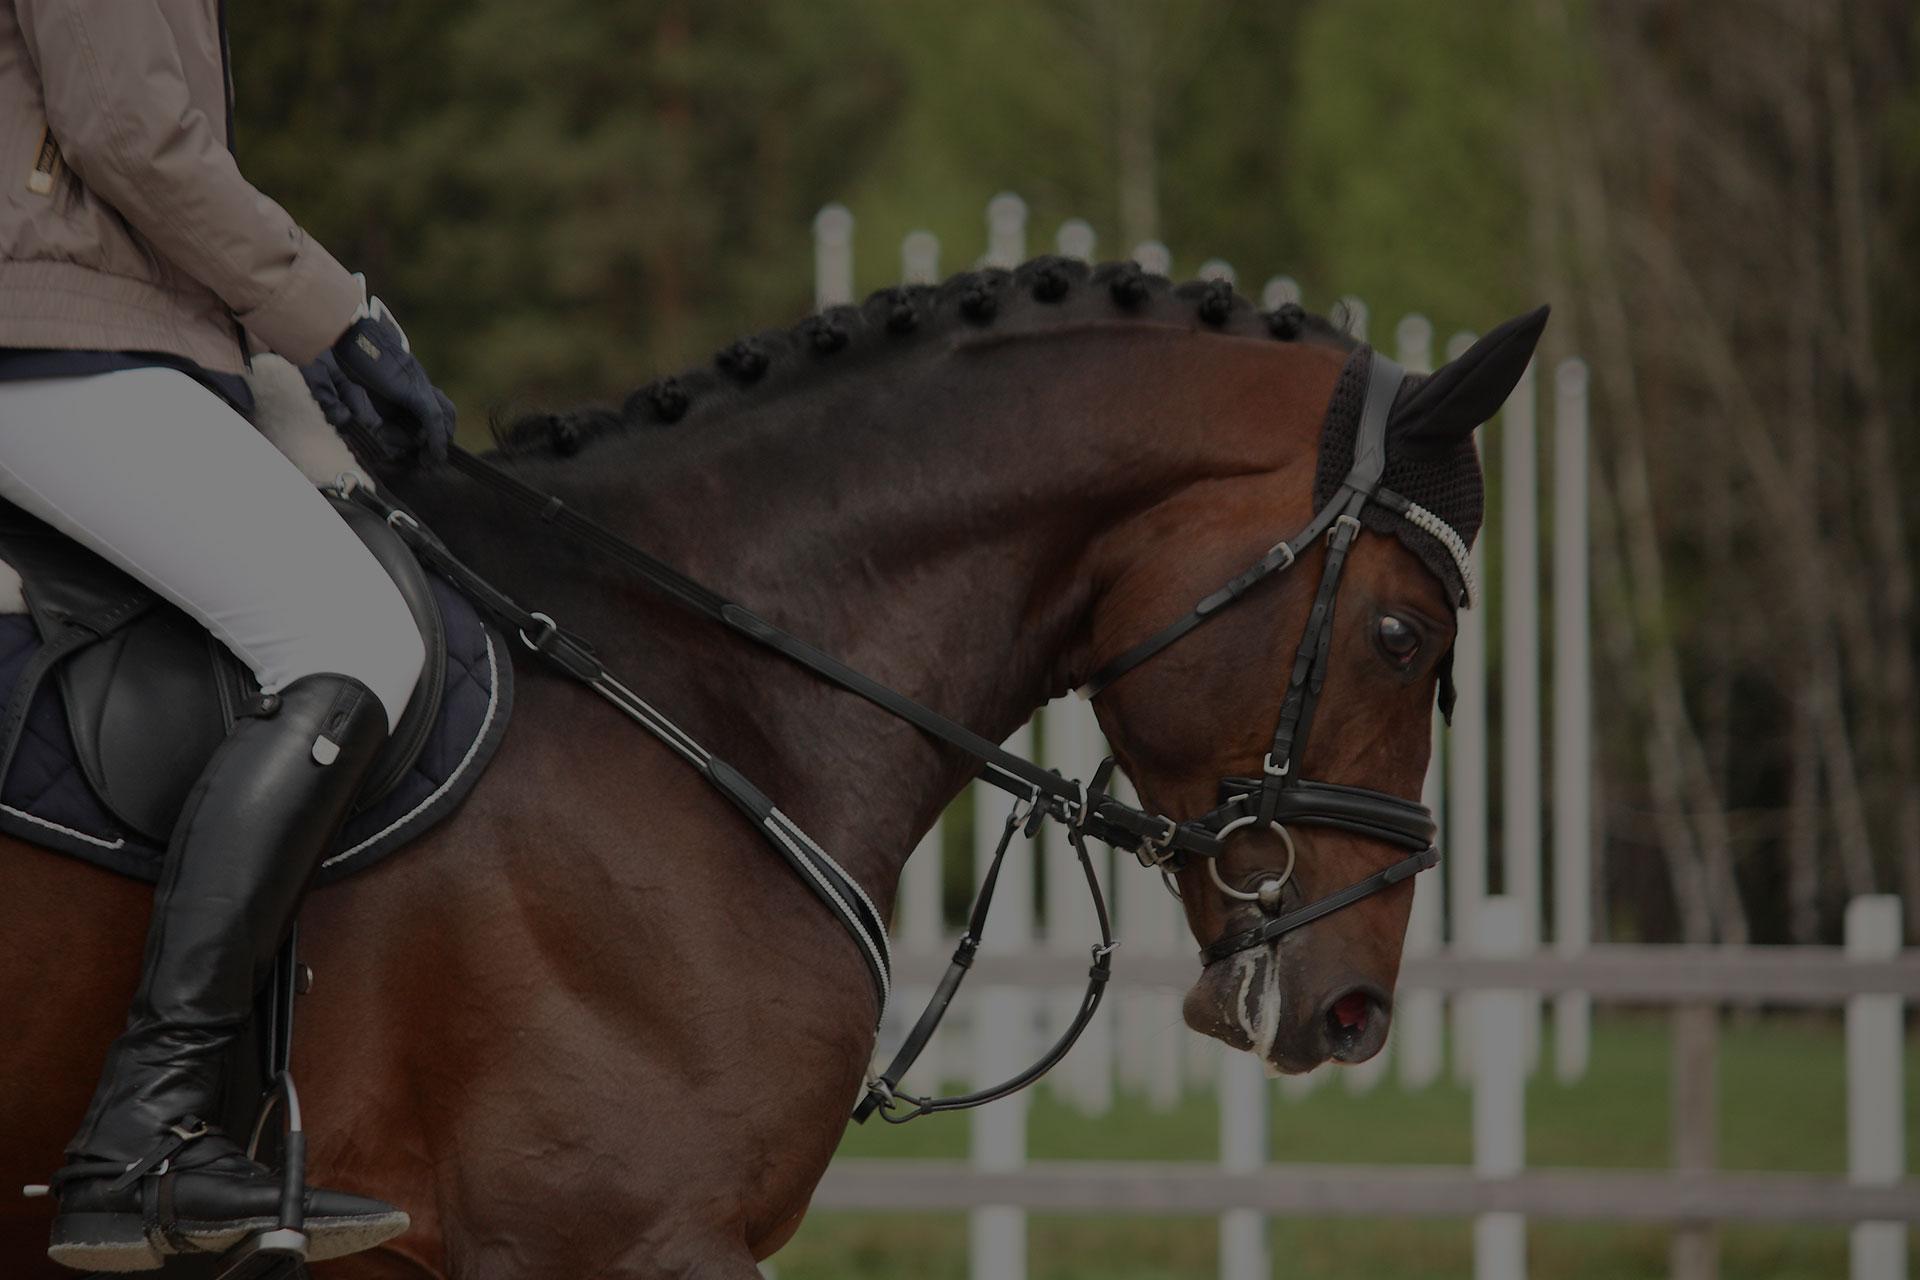 Beautiful sport horse portrait in horse show